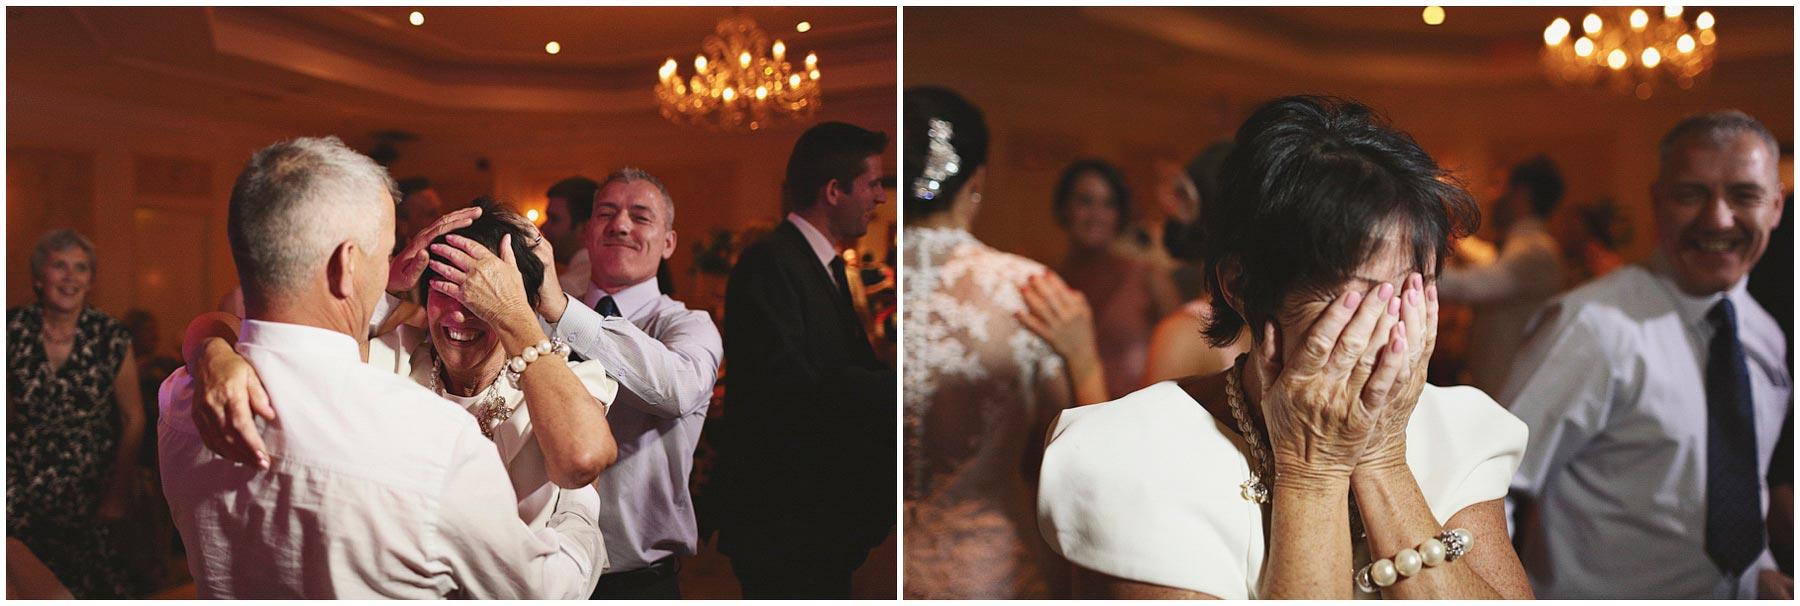 Wentbridge-House-Wedding-Photography-147